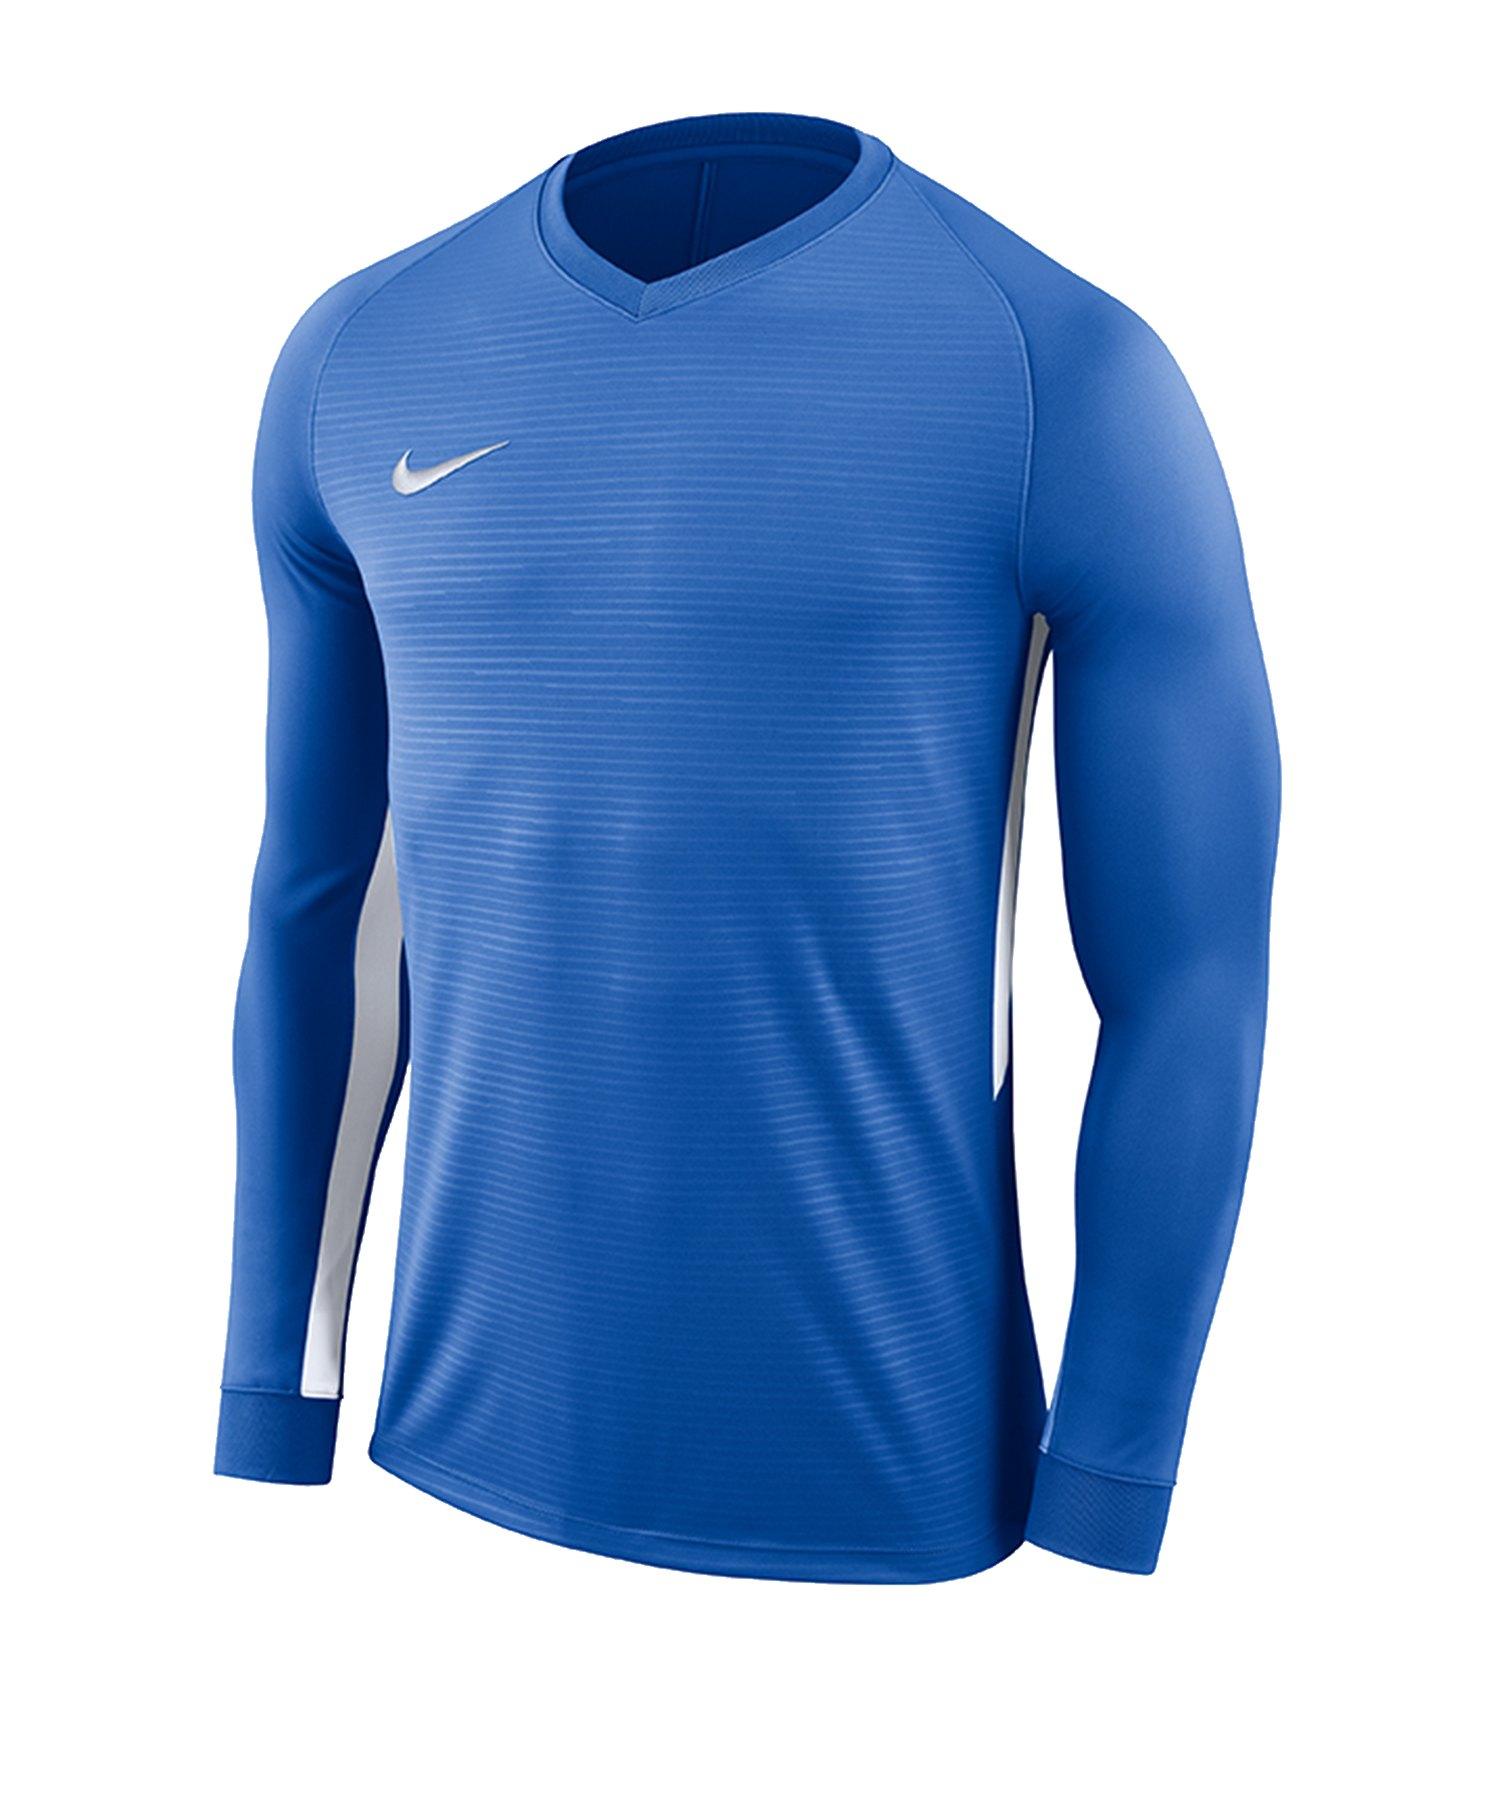 Nike Tiempo Premier Trikot Langarm Kids F463 - blau